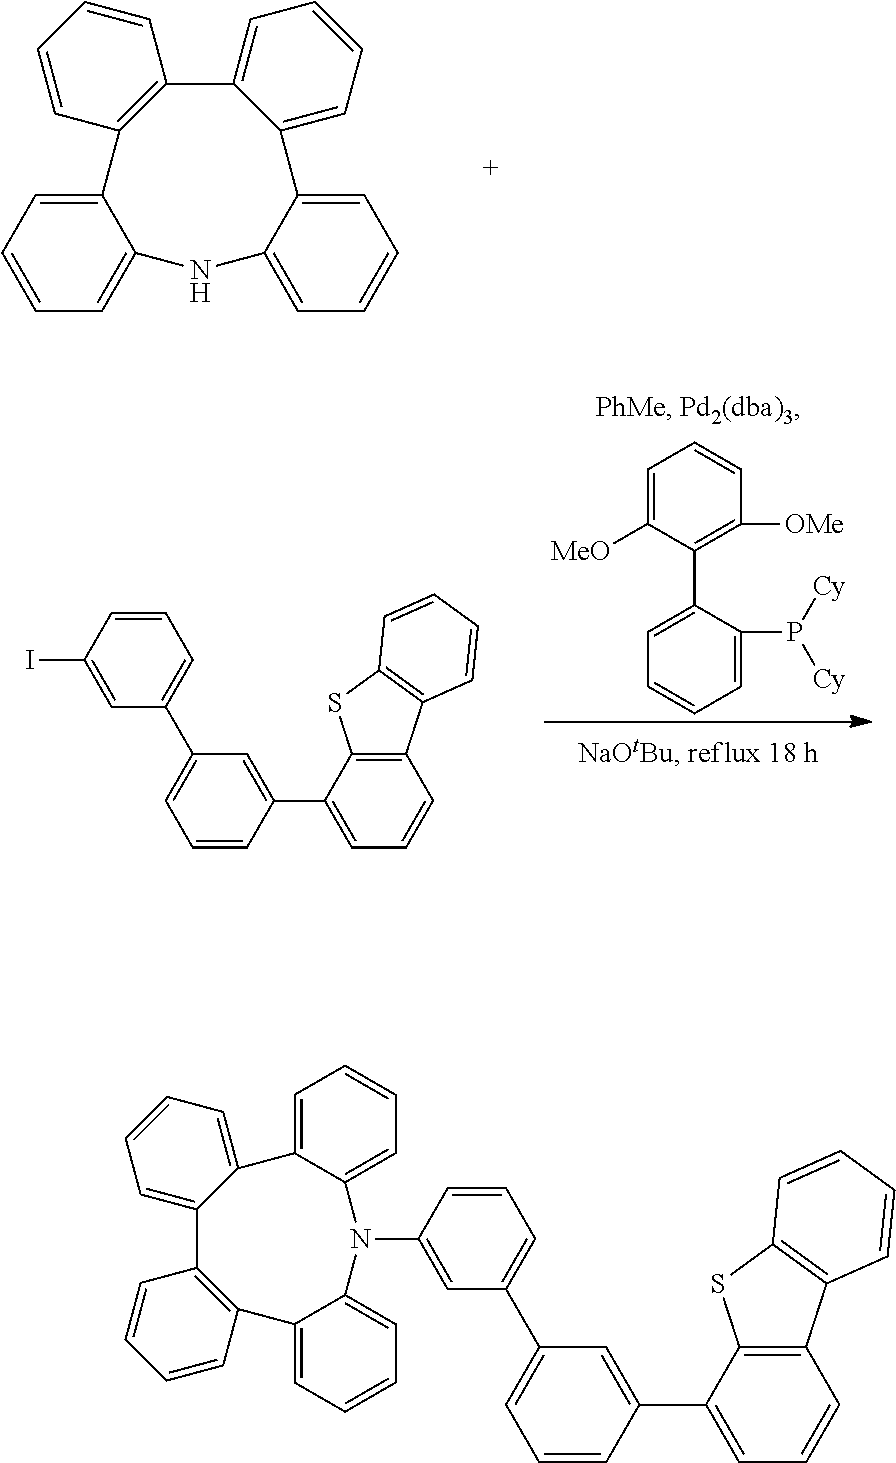 Figure US09978956-20180522-C00121